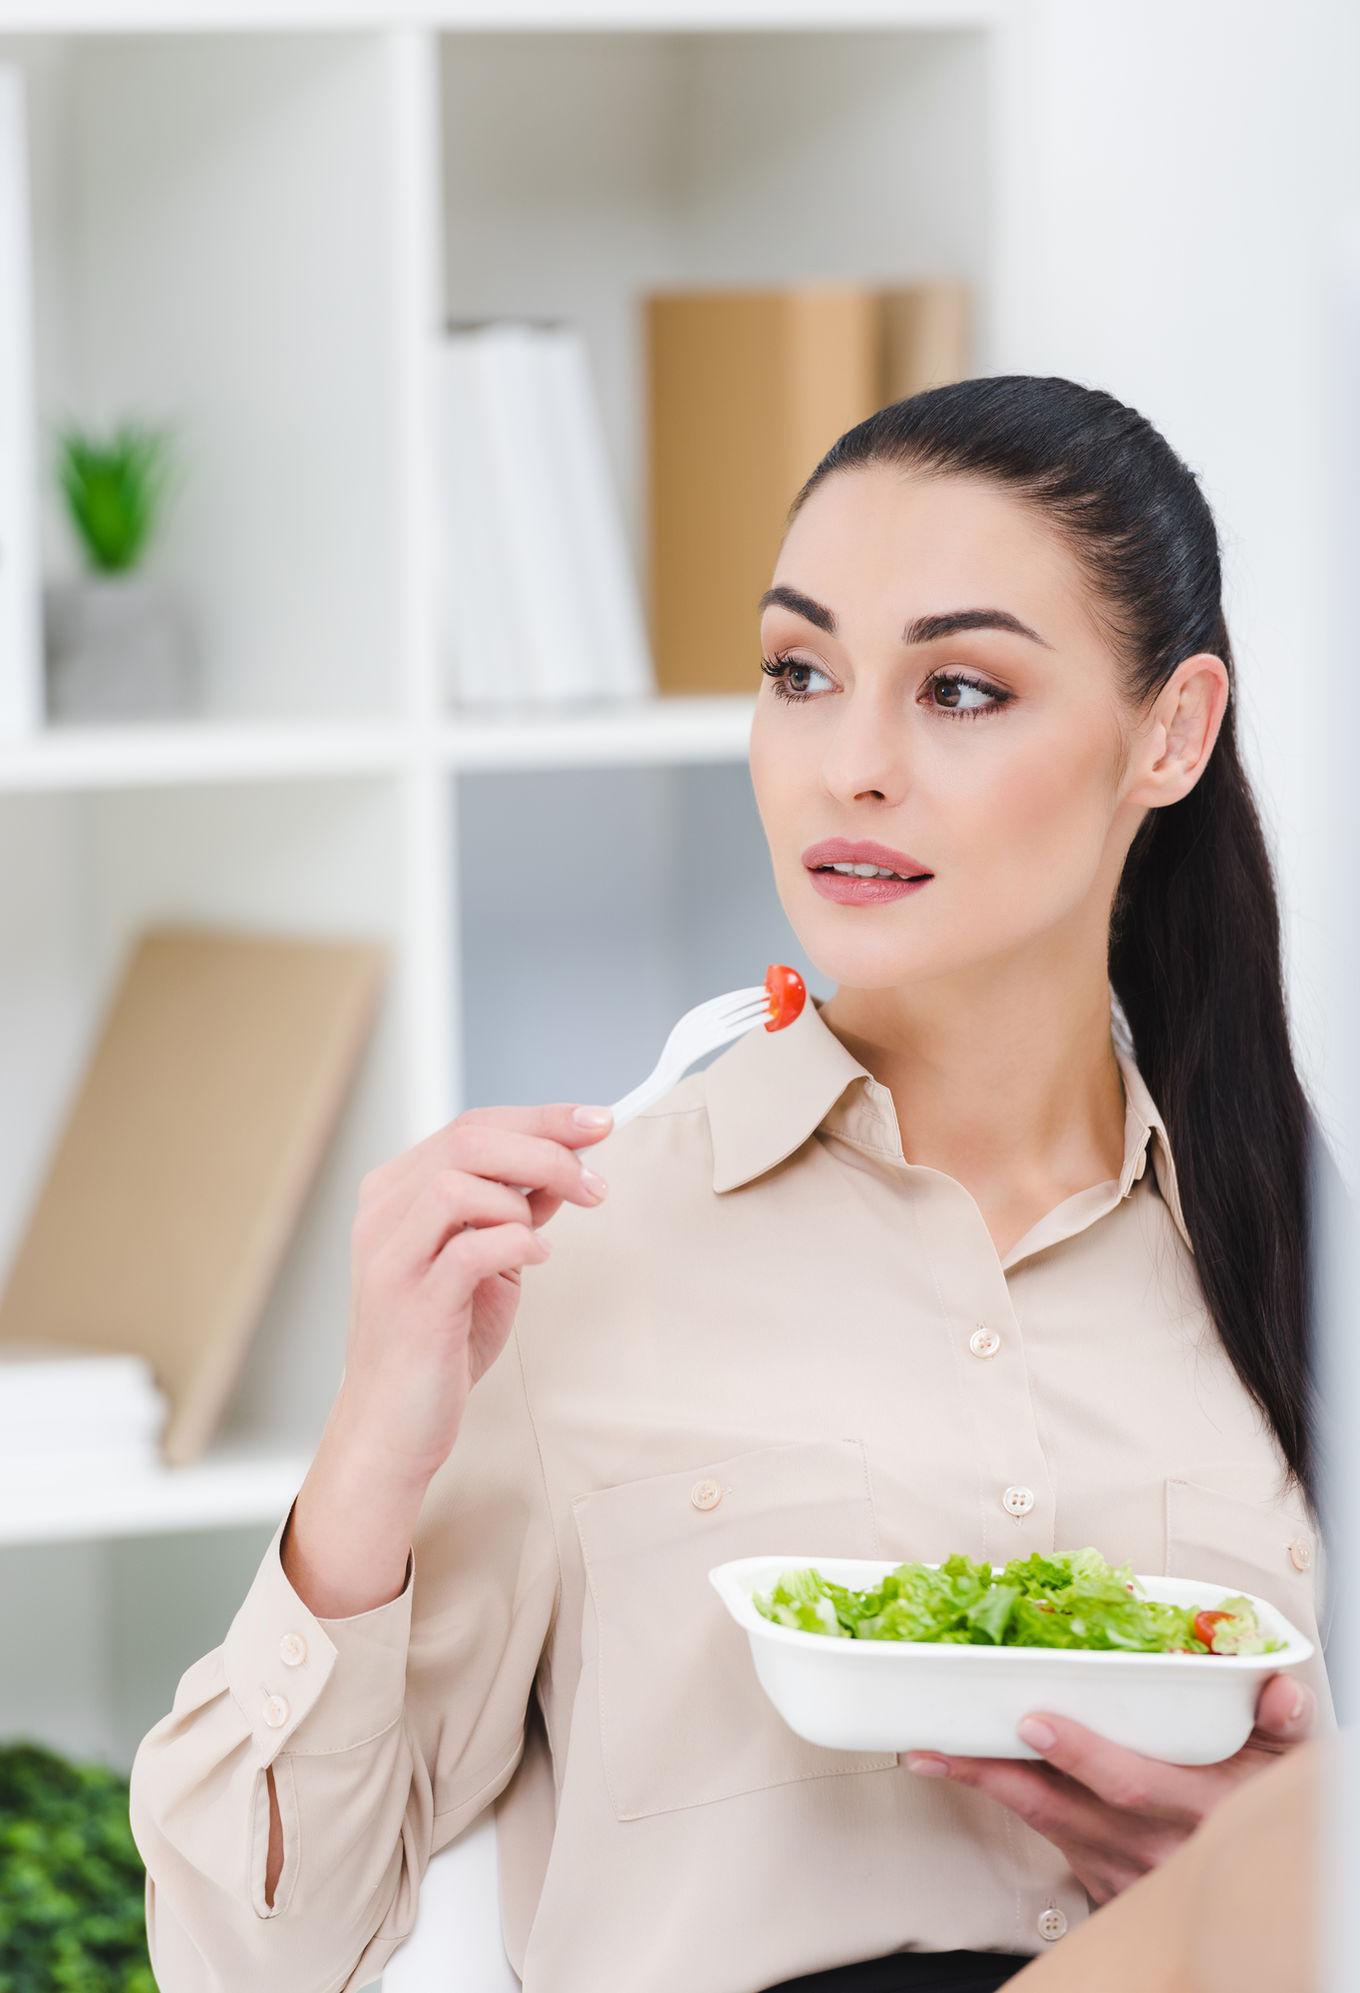 4 alimente pentru o digestie bună pe care nutriționiștii le consumă des